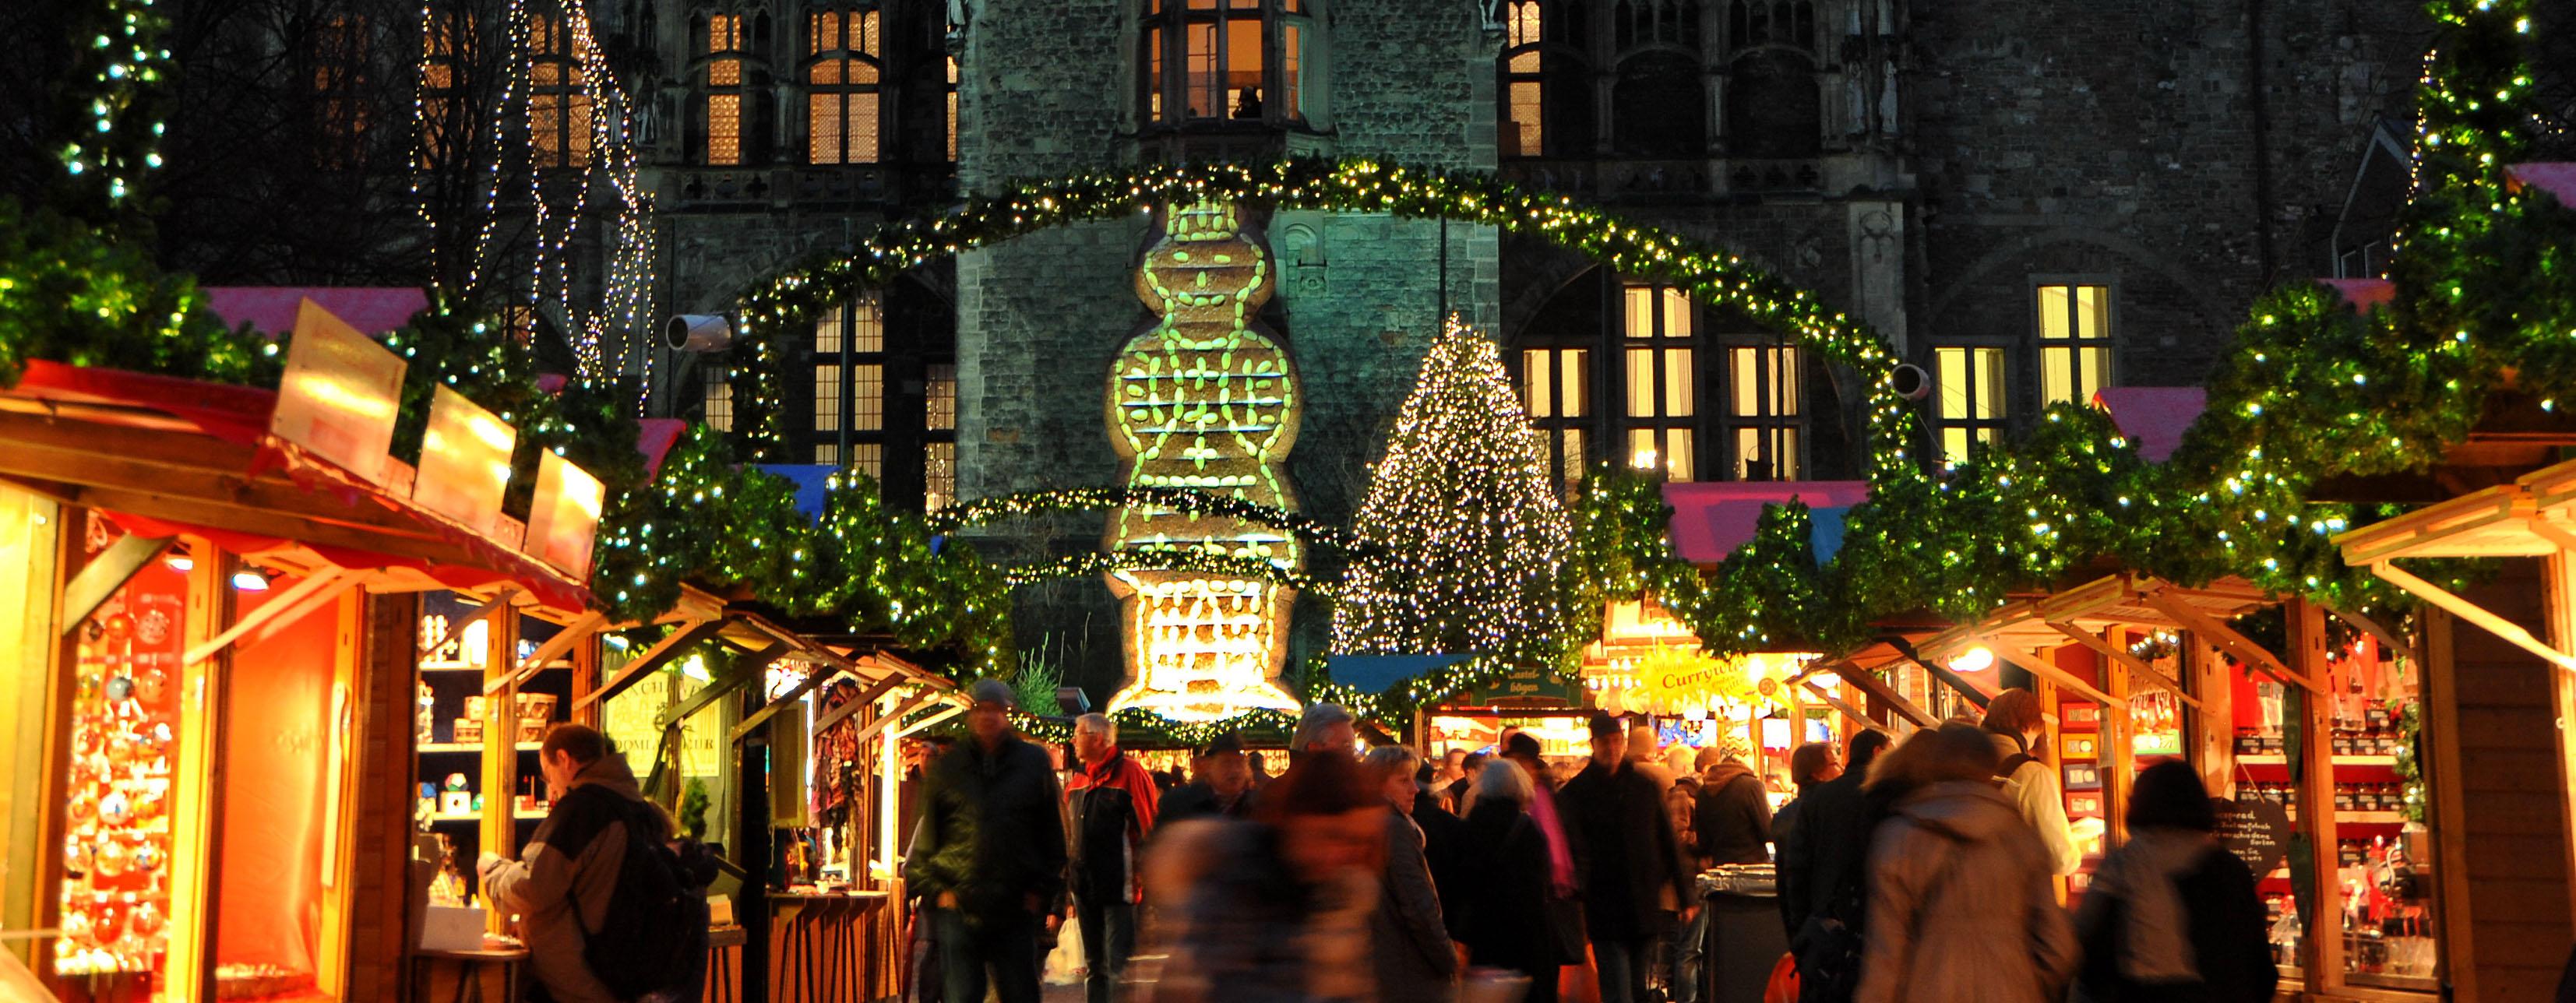 Dit Zijn De Leukste Kerstmarkten Van Duitsland In 2015